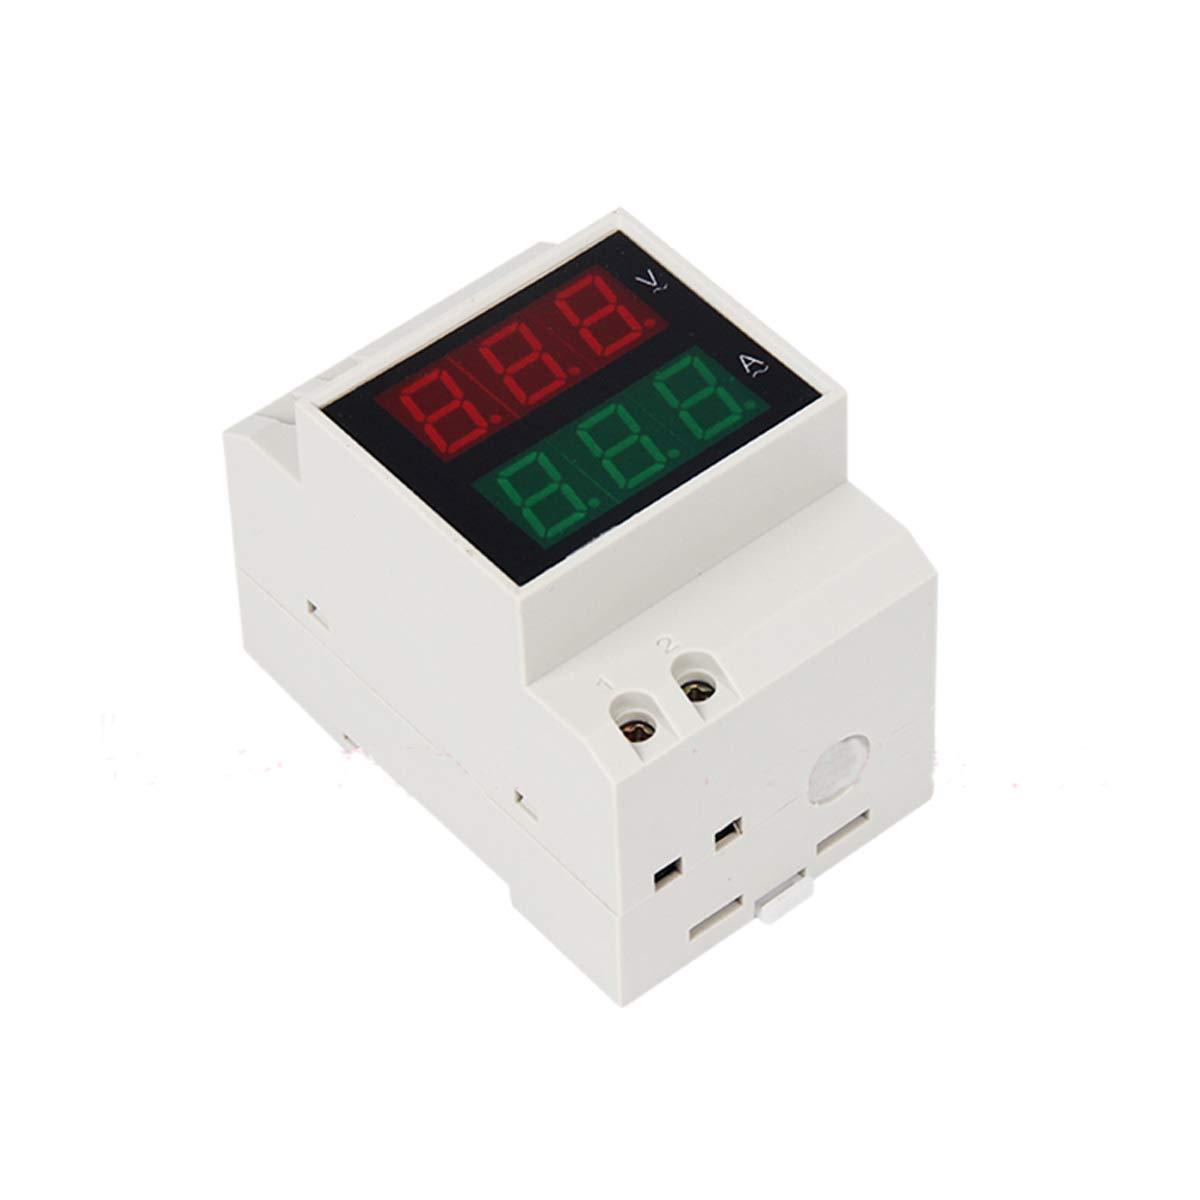 D52-2042 Double Display Digital Red Green AC80-300V 0.1-99.9A Voltmeter Ammeter Alternationg Voltage Current Meter, LED Digit Display Voltmeter Ammeter 2 in 1